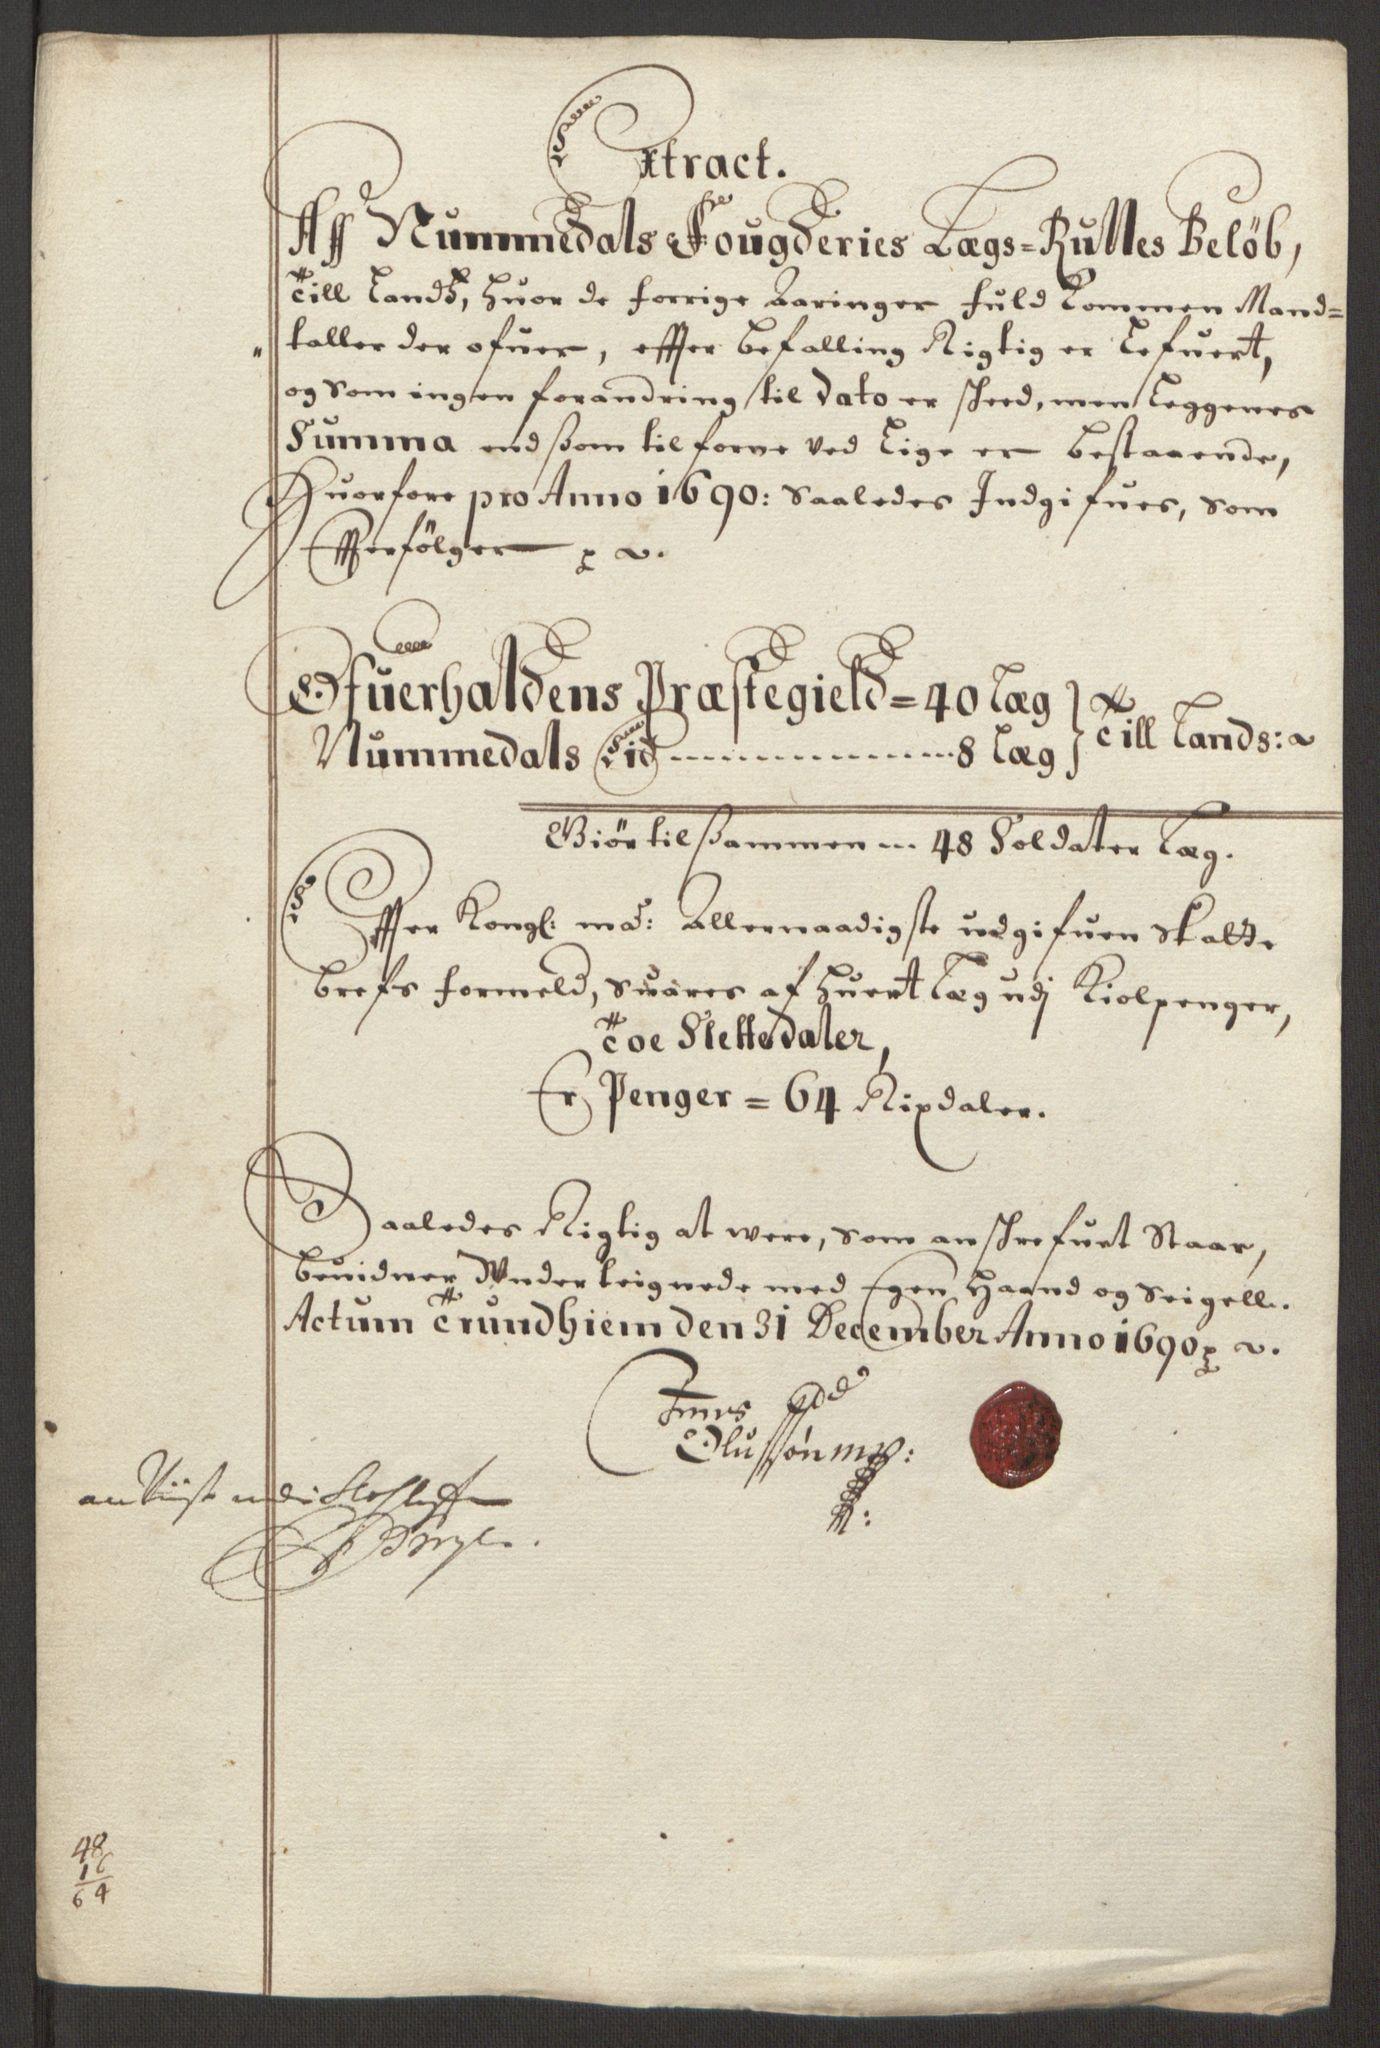 RA, Rentekammeret inntil 1814, Reviderte regnskaper, Fogderegnskap, R64/L4423: Fogderegnskap Namdal, 1690-1691, s. 37